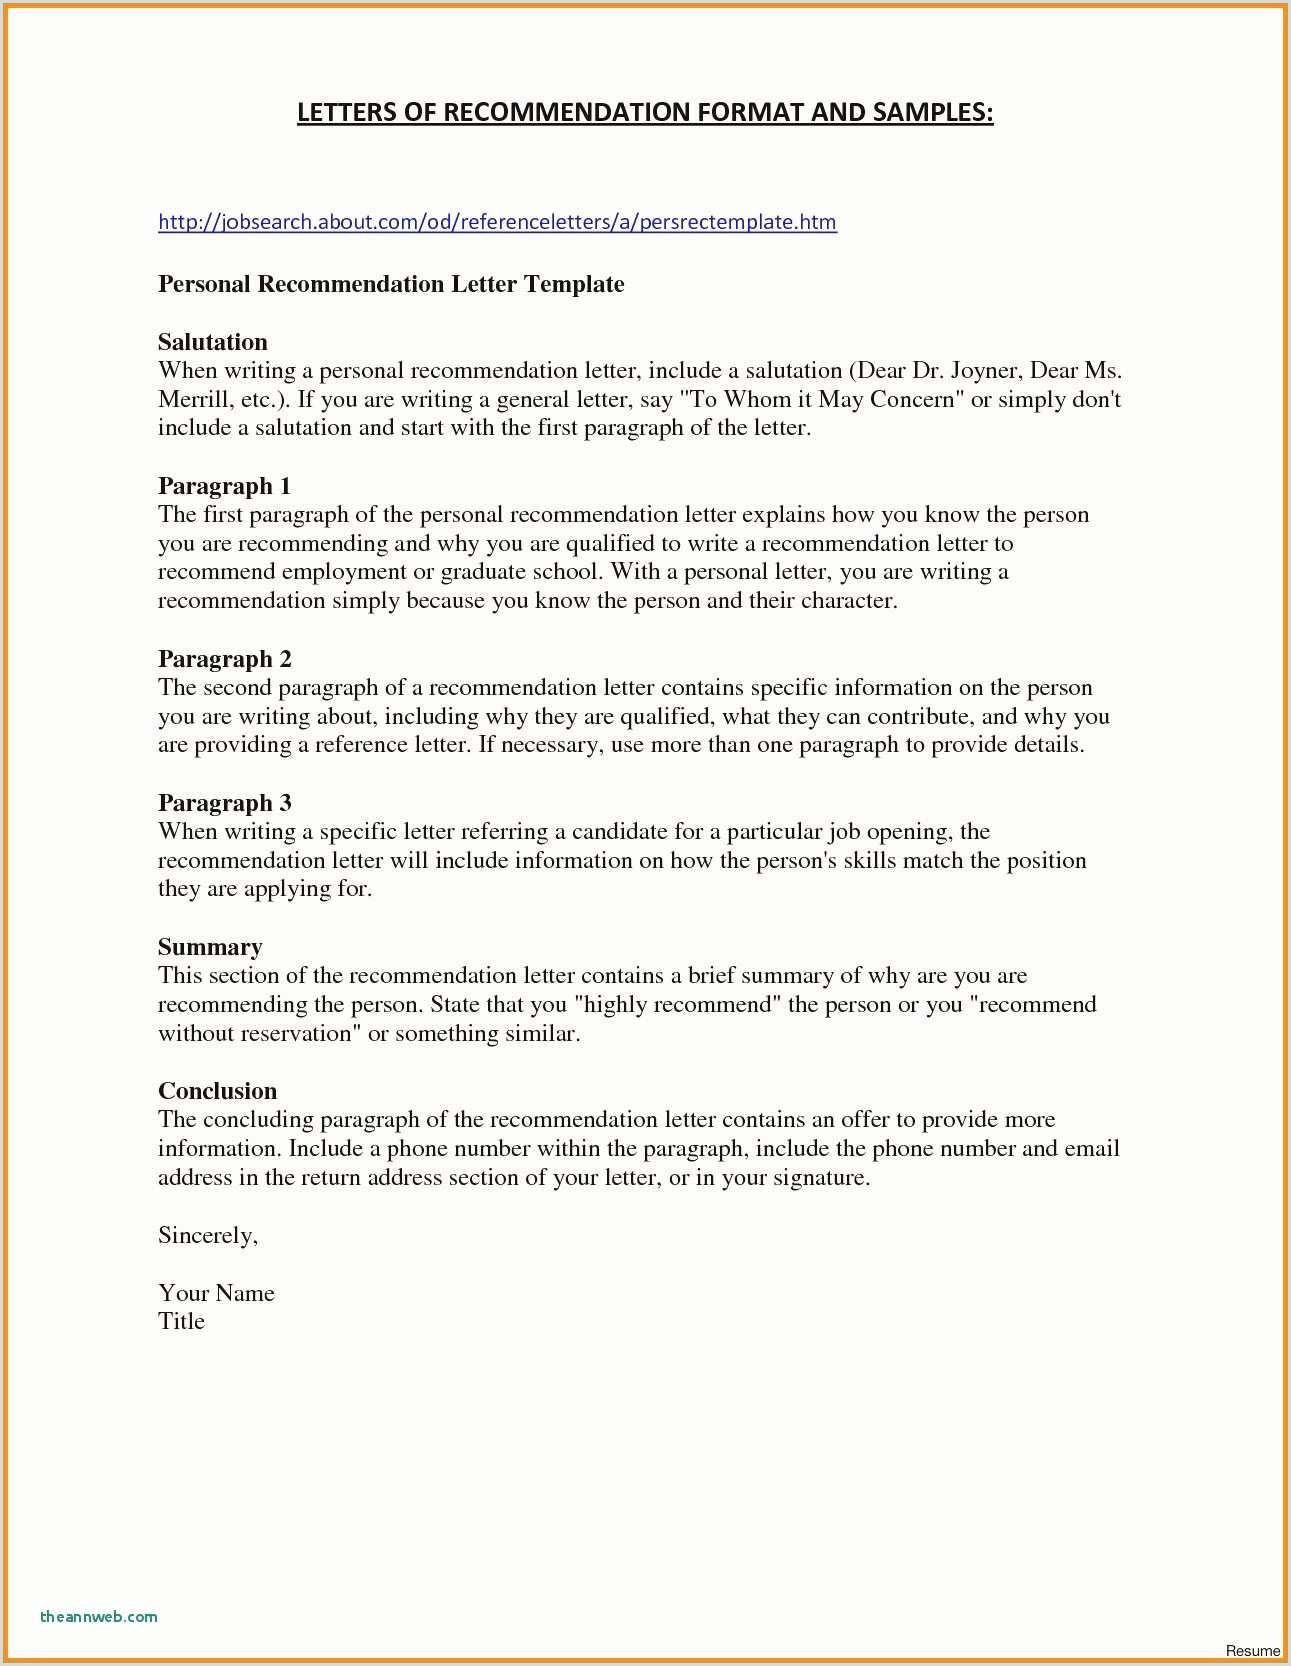 Cv Example for Hotel Job Hospitality Cover Letter Samples New Sample Cover Letter for